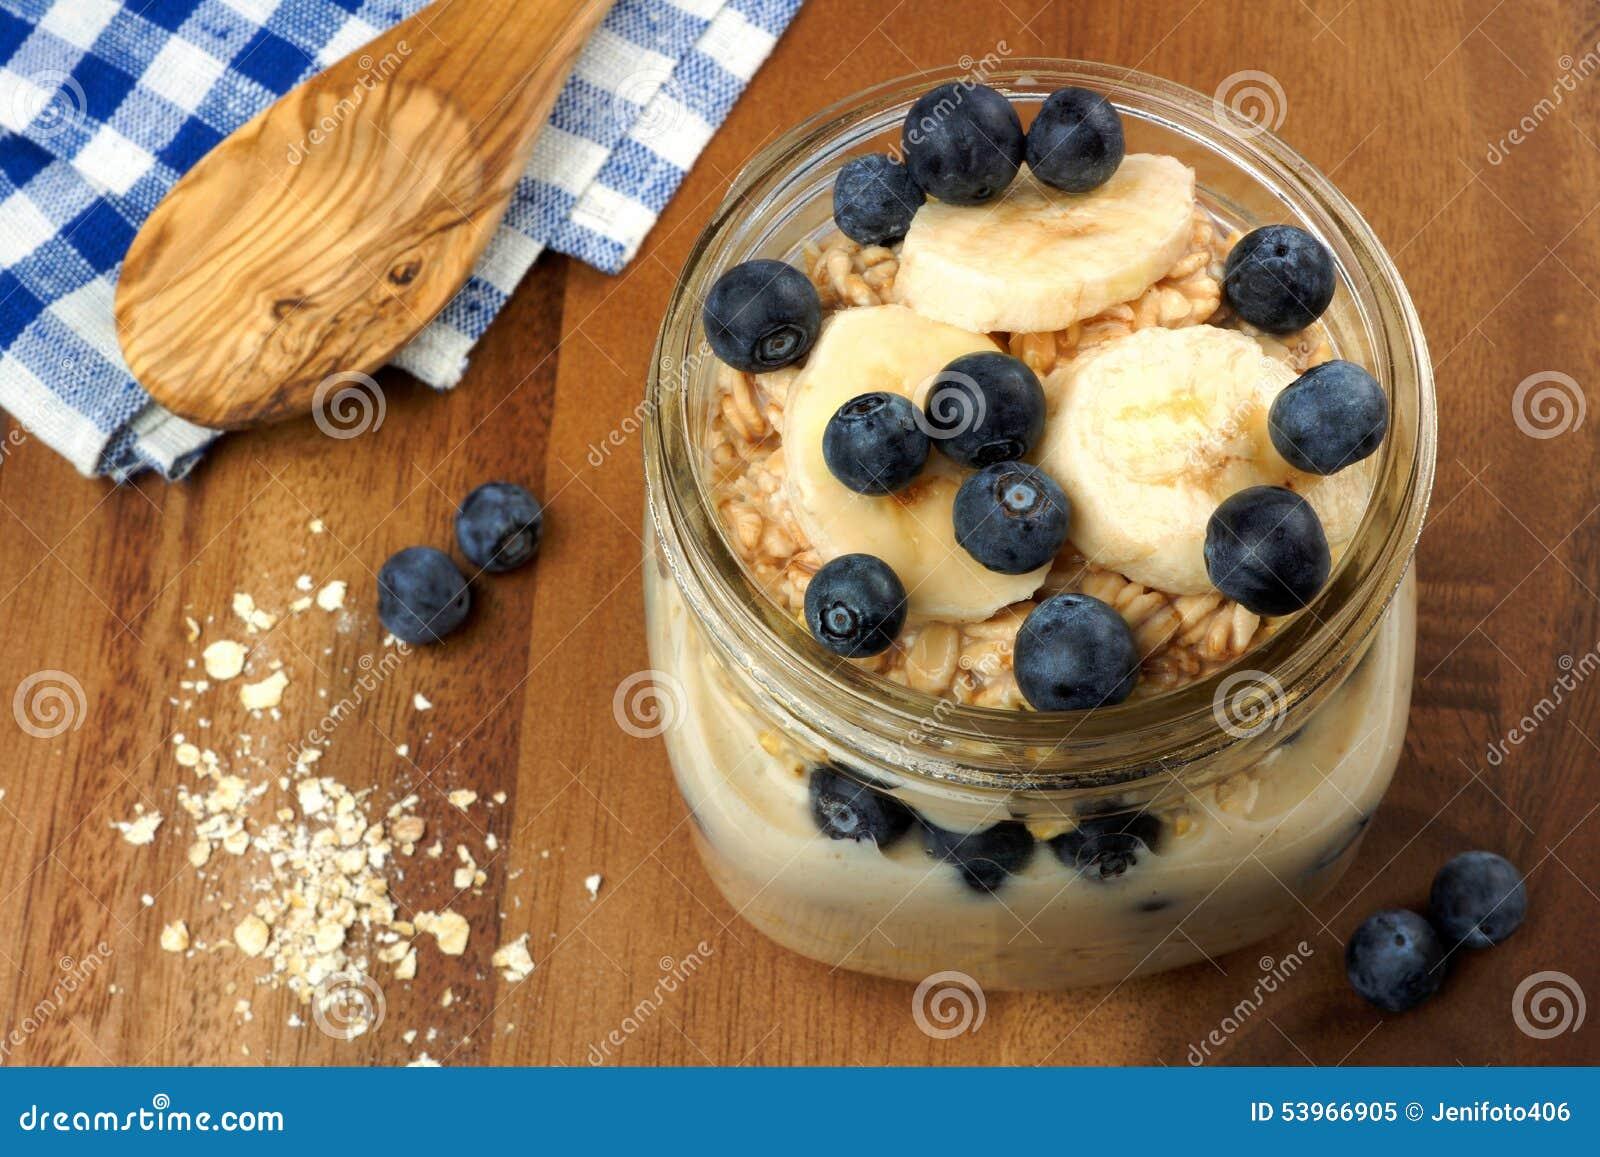 El arándano y el plátano desayunan harina de avena de noche en tarro de albañil